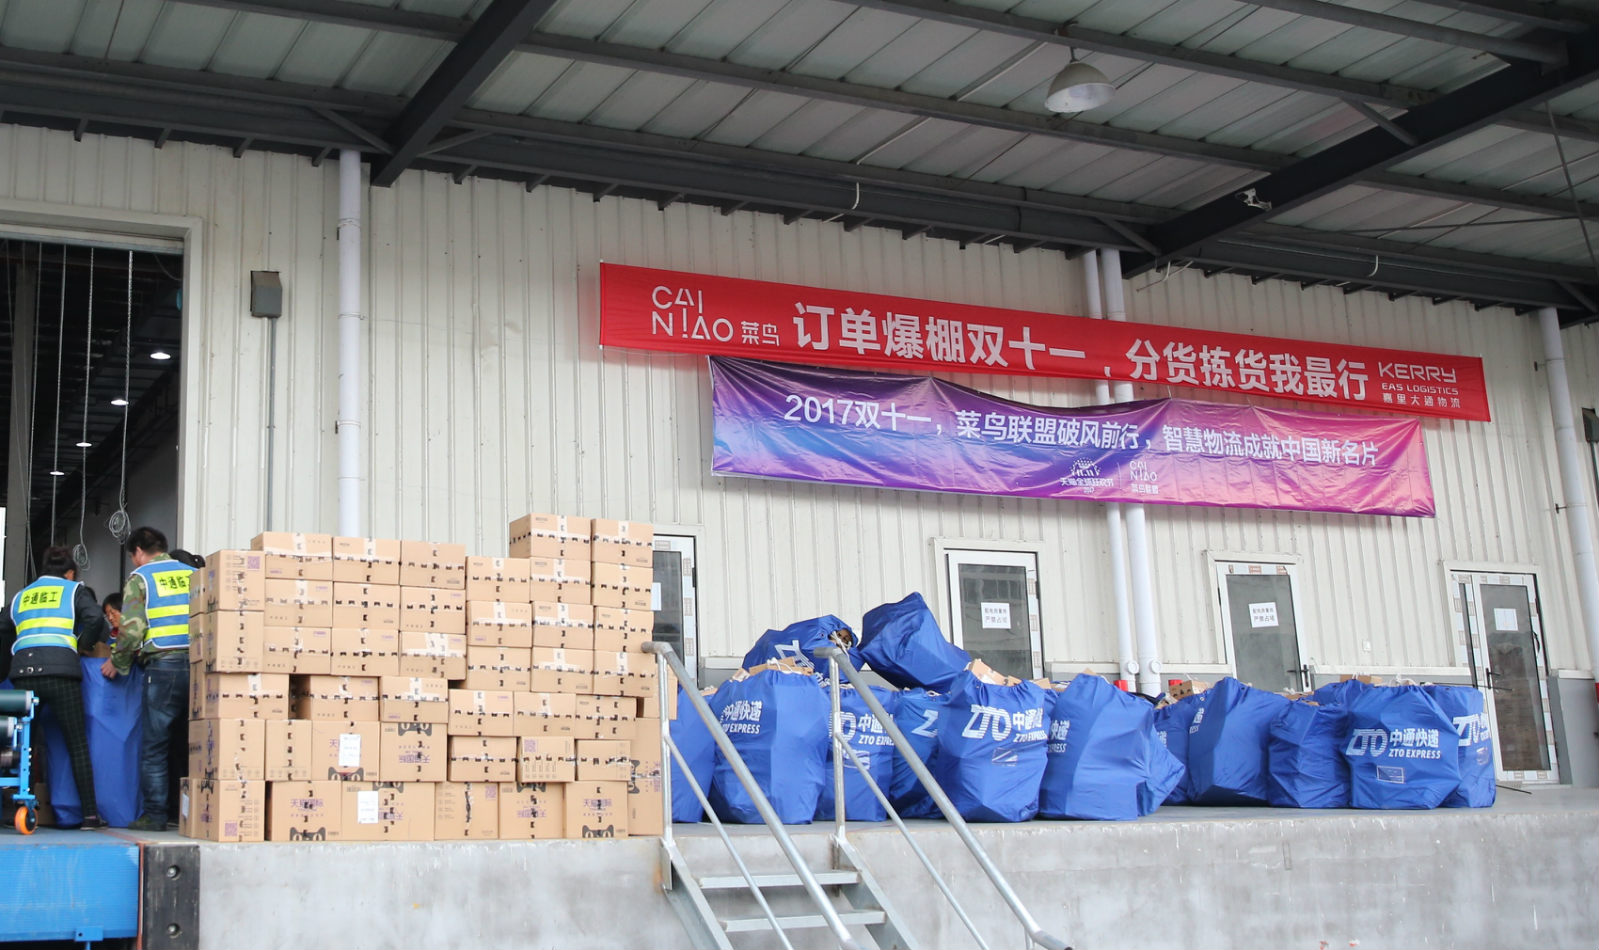 图:菜鸟宁波保税仓,等待转运的货物被装进中通快递的可循环使用揽收袋_meitu_5